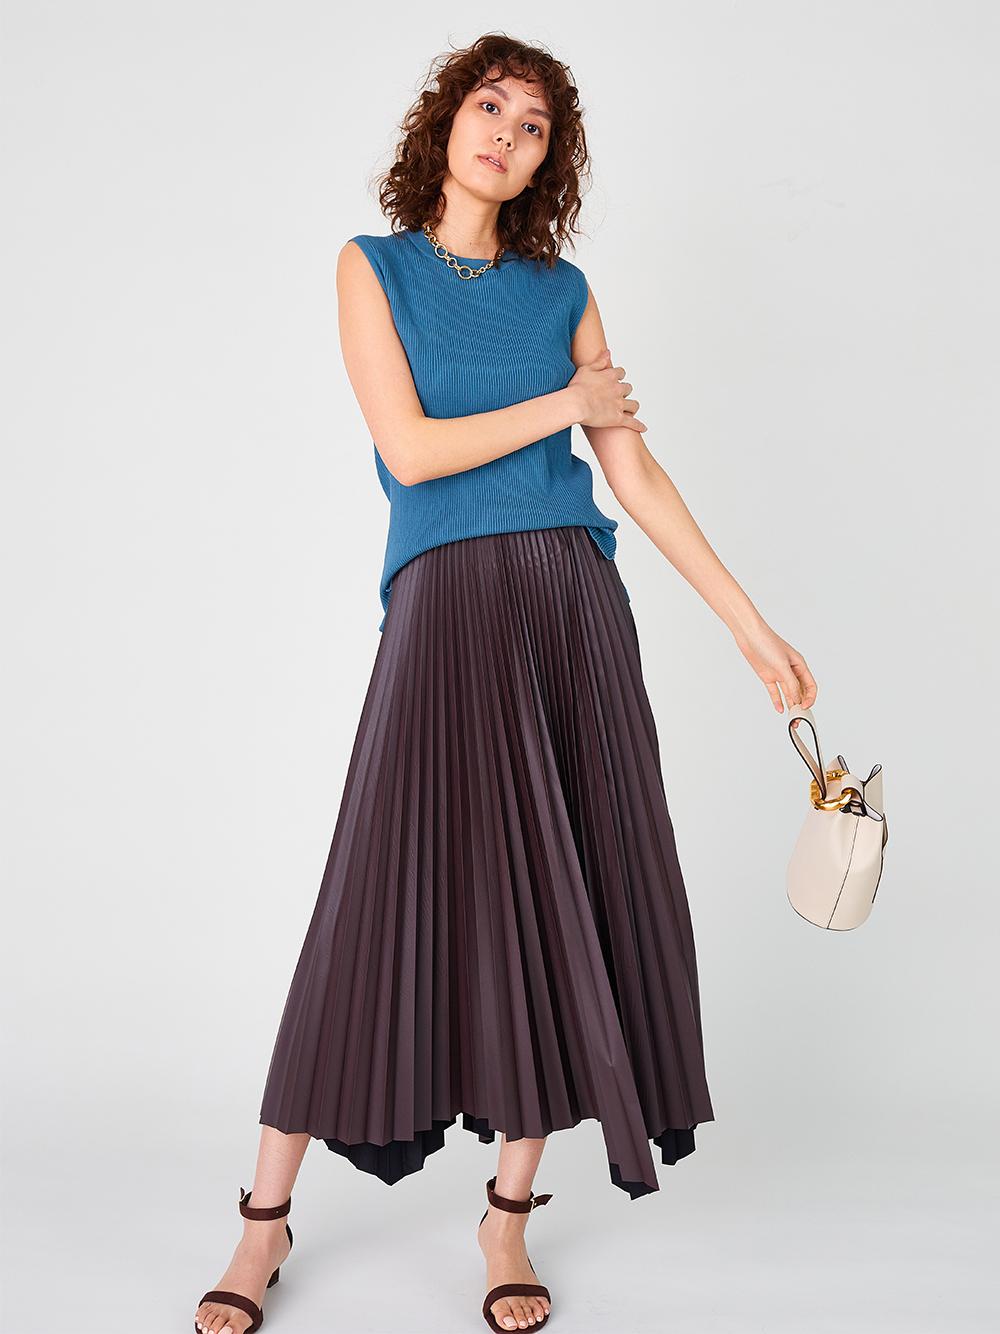 皮革不規則下襬百褶裙